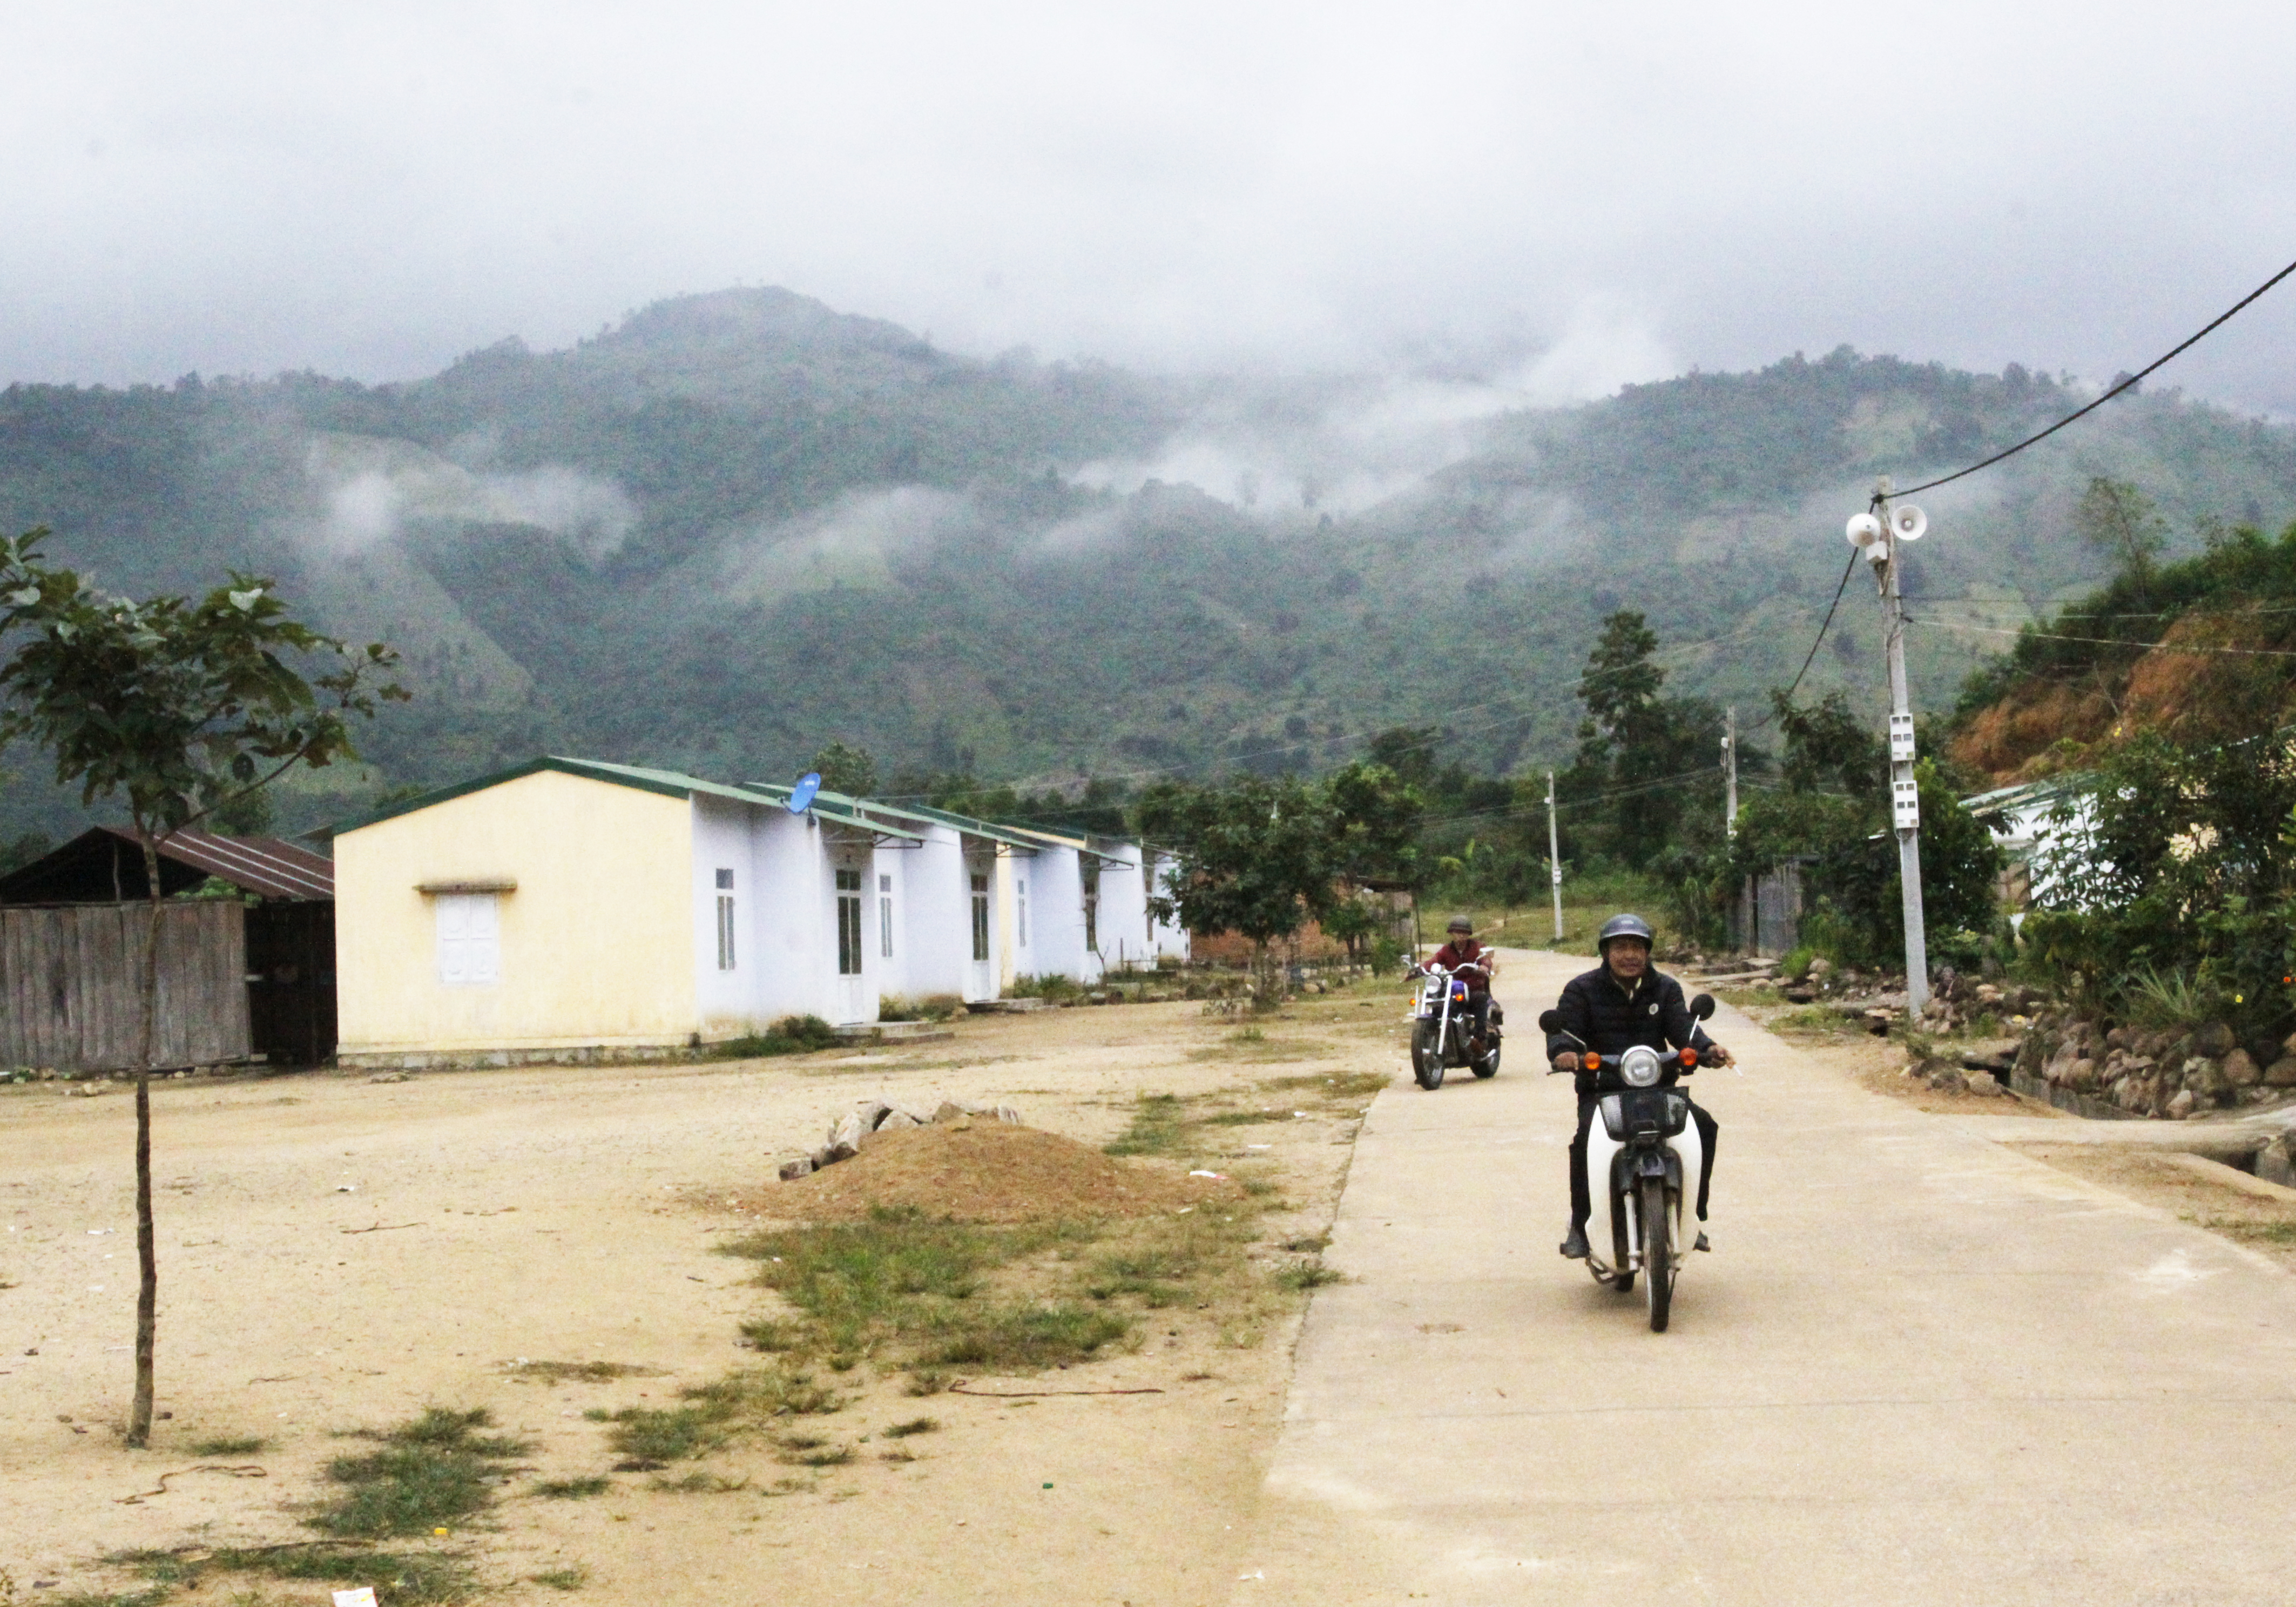 Thực hiện Chương trình giảm nghèo đã góp phần hoàn thiện cơ sở hạ tầng cho vùng khó khăn ở Khánh Hòa. Tuy nhiên, các địa phương cần tăng cường công tác kiểm tra, giám sát thực hiện